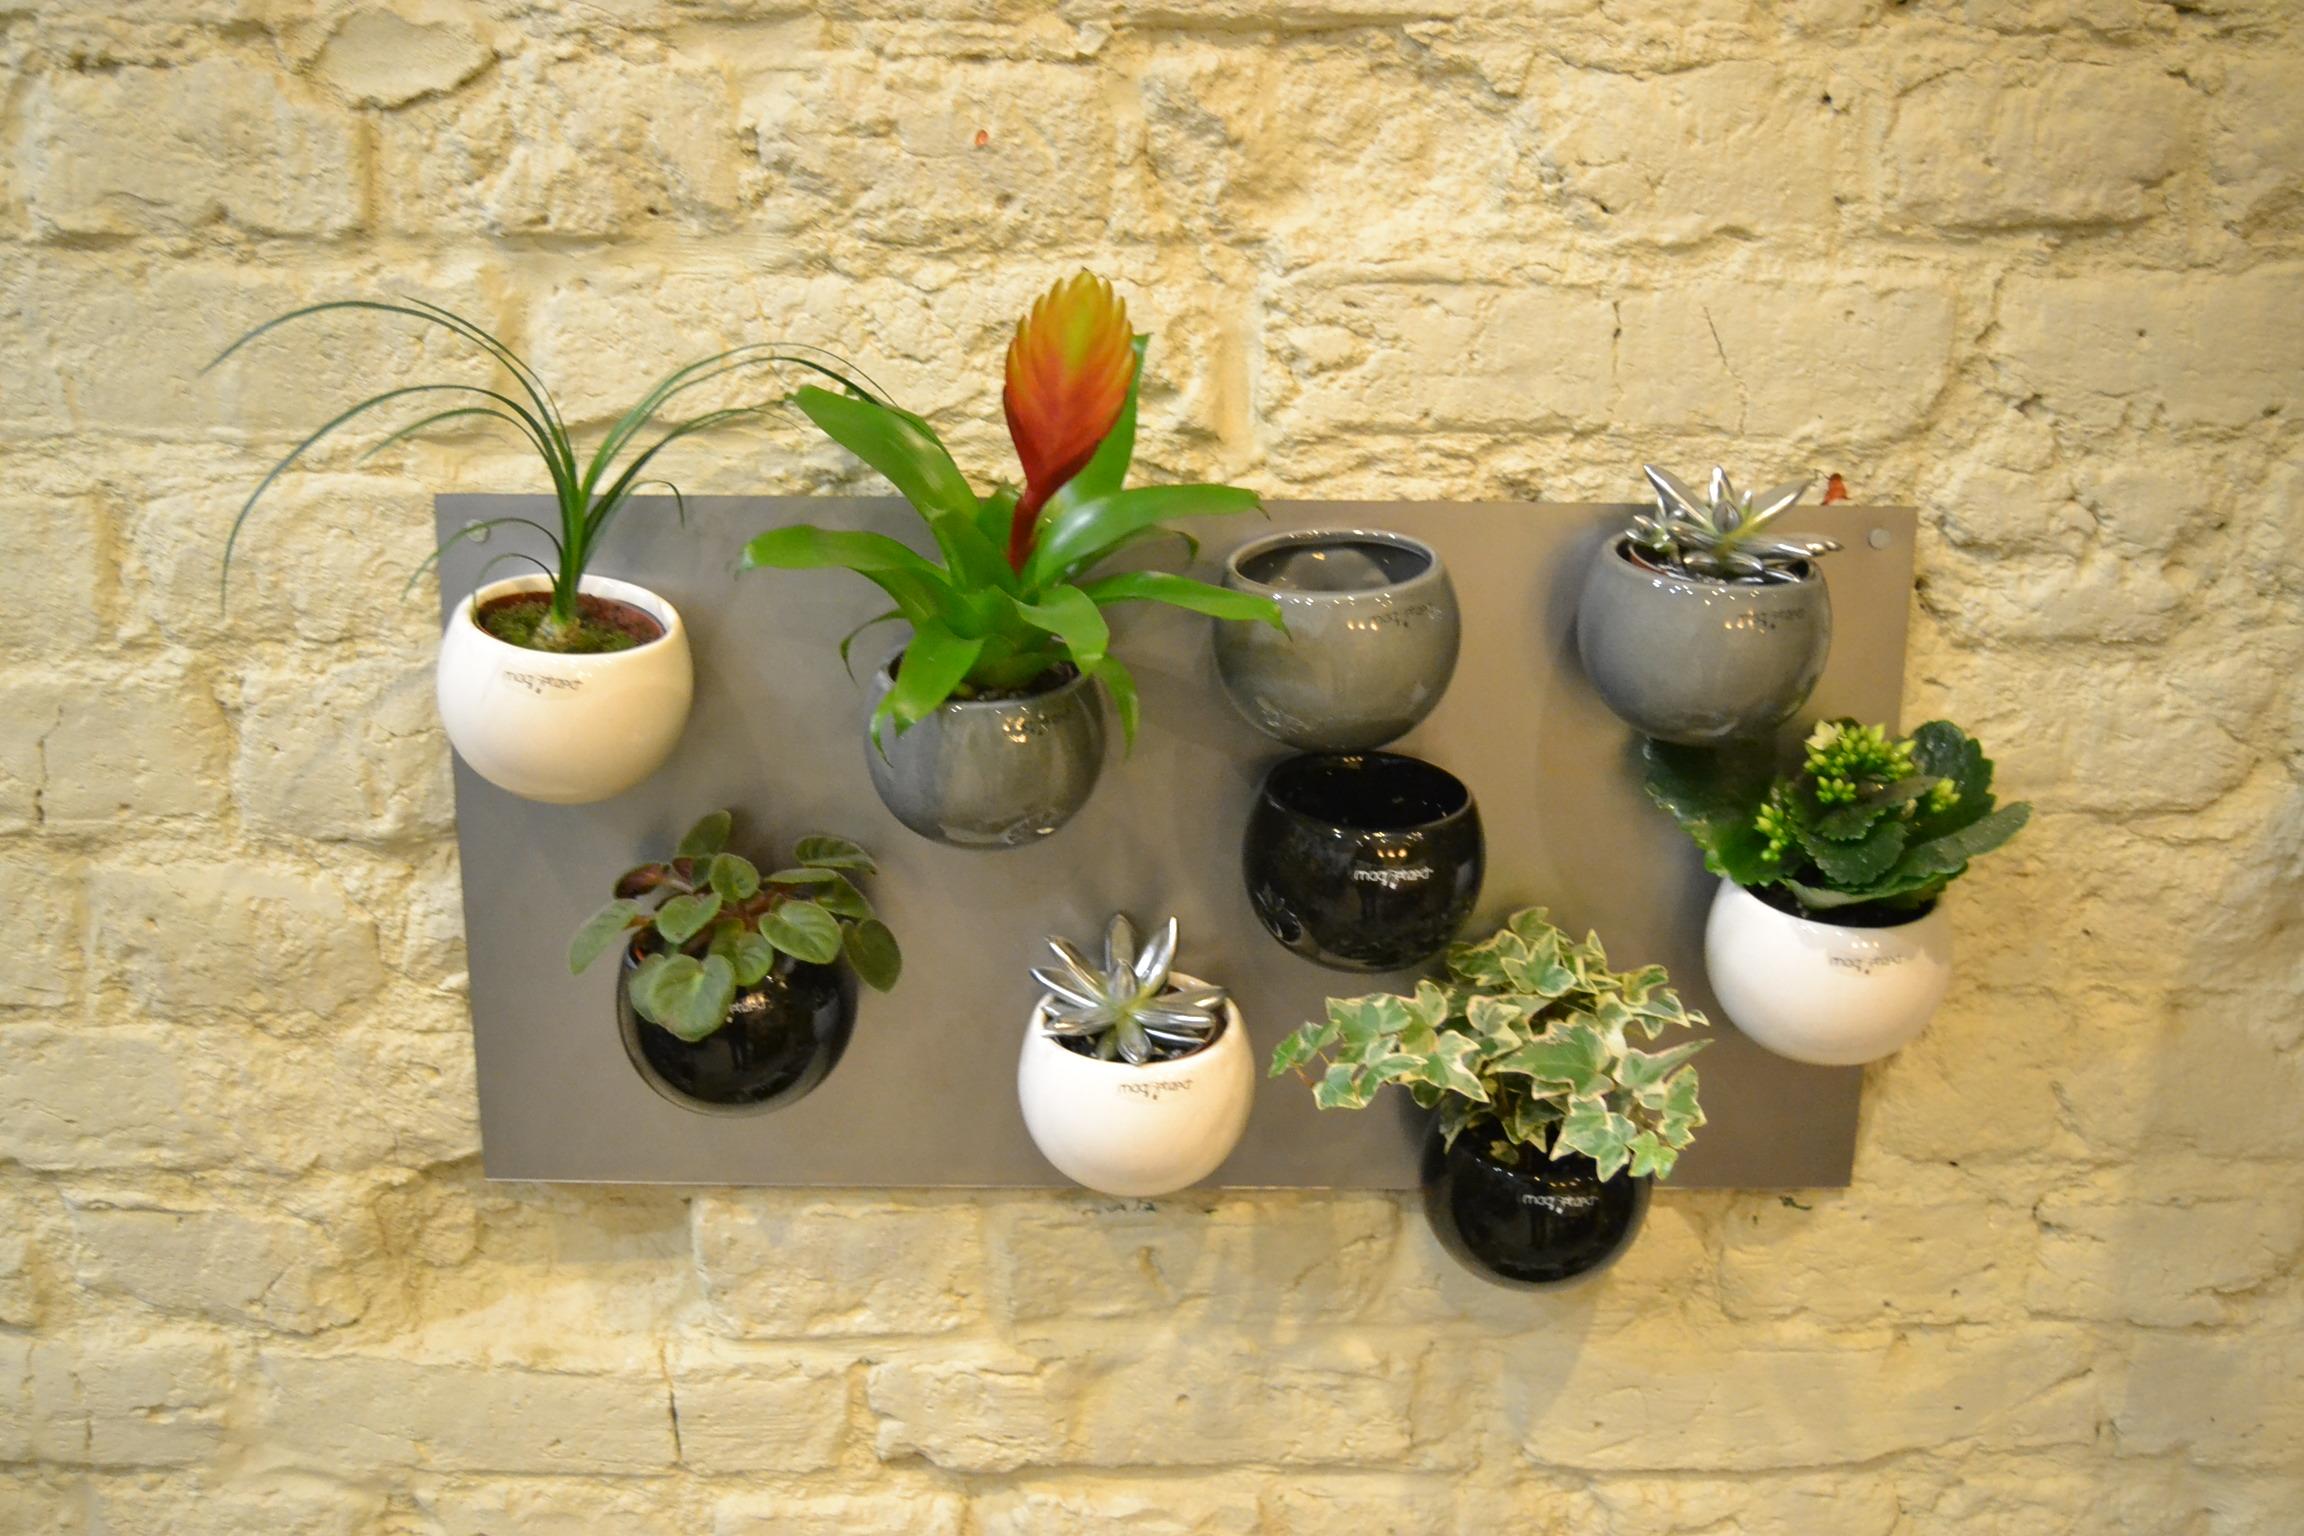 Pot De Fleur Comparer Les Prix Des Pot De Fleur Pour Economiser